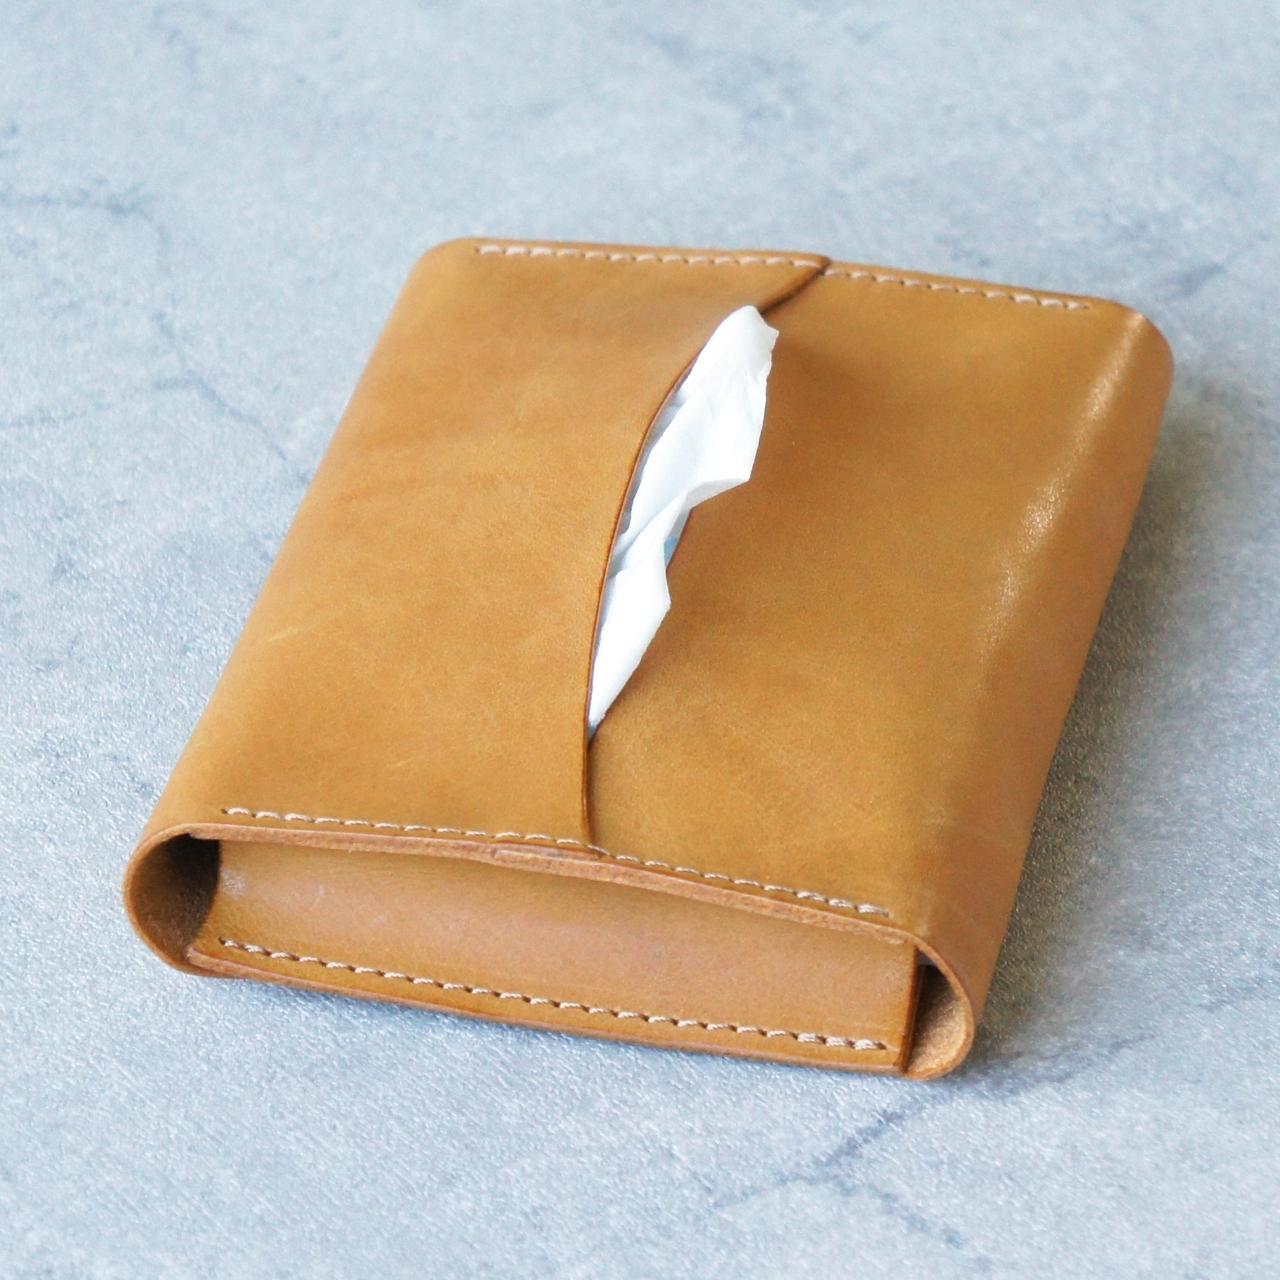 卓上本革ポケットティッシュケース【イエロー】(ティッシュ2個収納可)